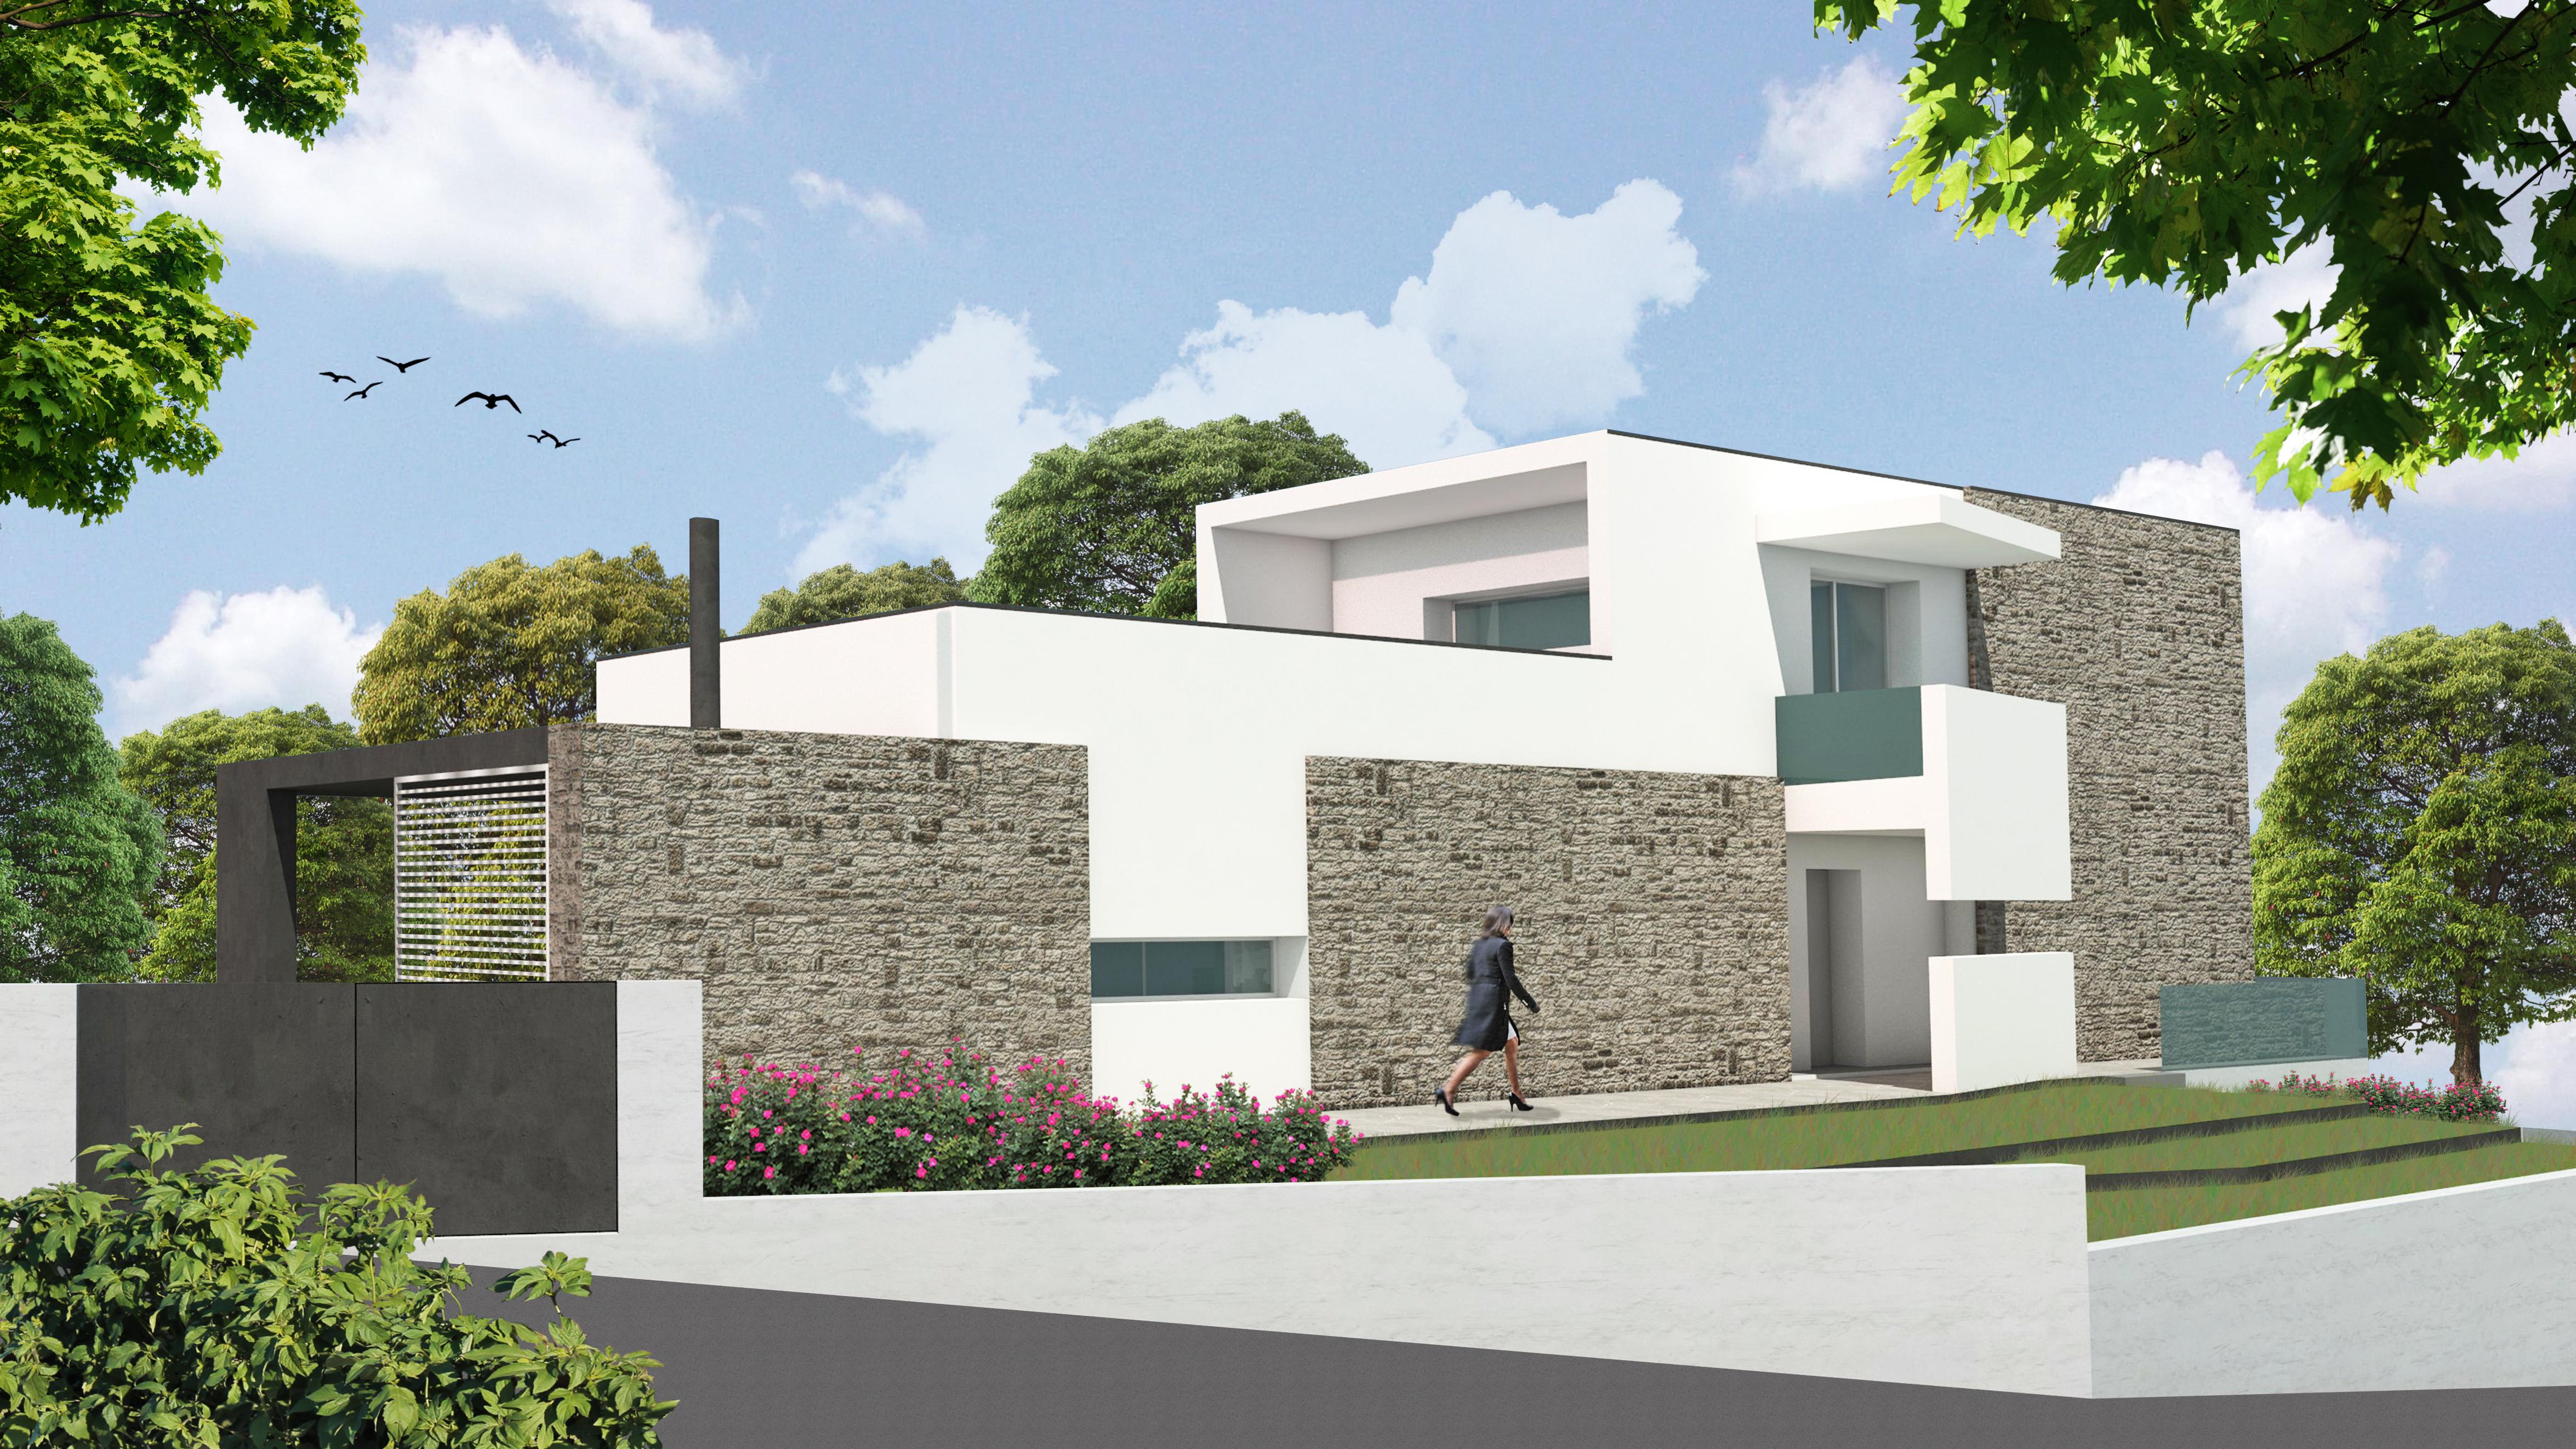 Franzoni studio architetto enrico franzoni for Progetto ville moderne nuova costruzione